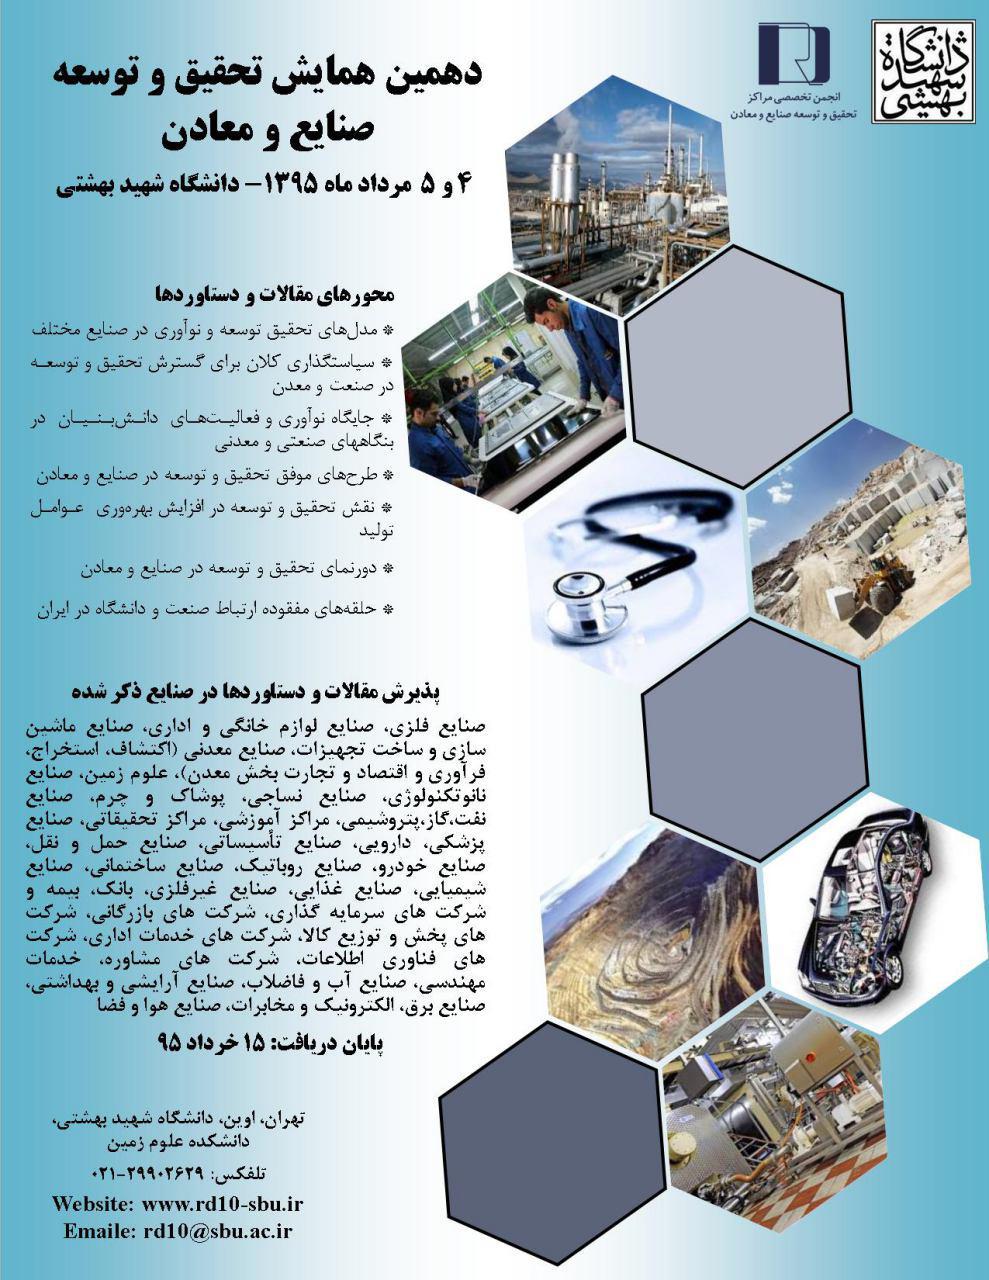 همایش زمین شناسی دانشگاه شهید بهشتی در سال 95